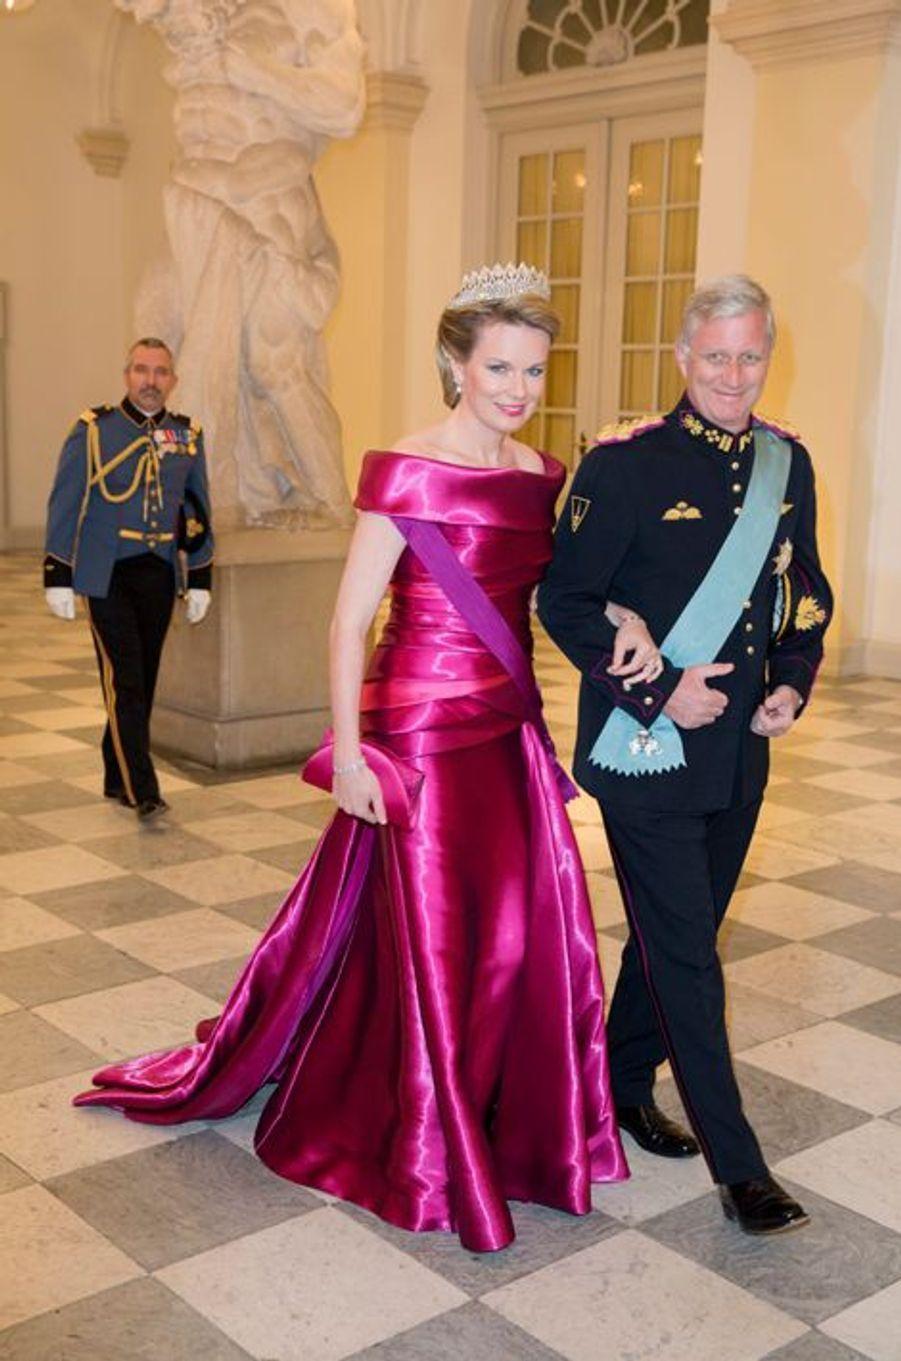 La reine Mathilde de Belgique avec le roi Philippe à Copenhague pour le banquet des 75 ans de la reine Margrethe II de Danemark, le 15 avril 2015